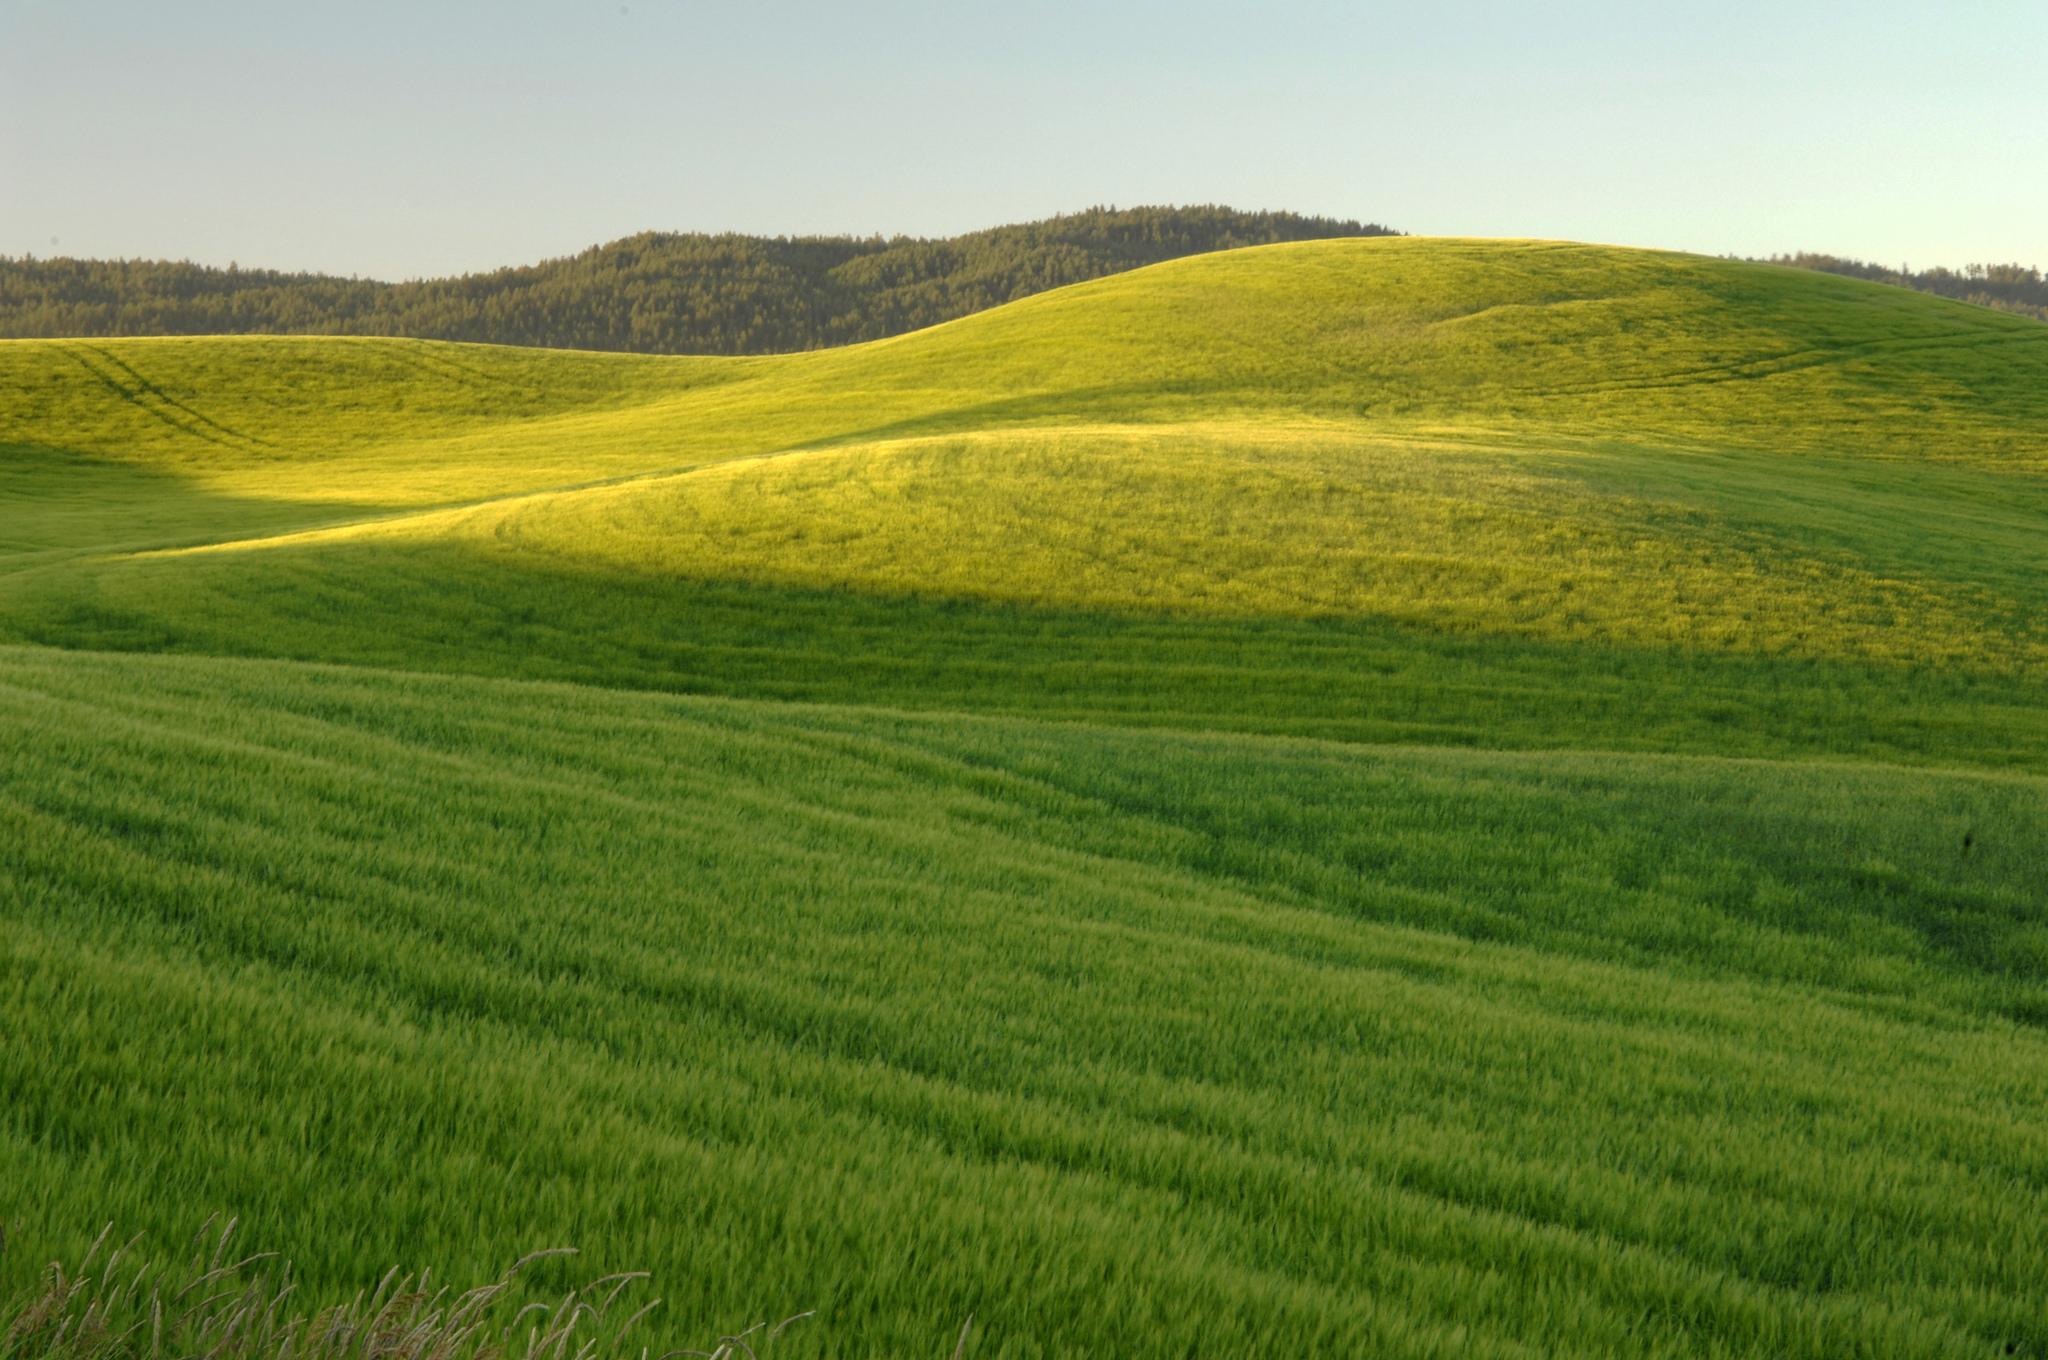 A field near Moscow, Idaho